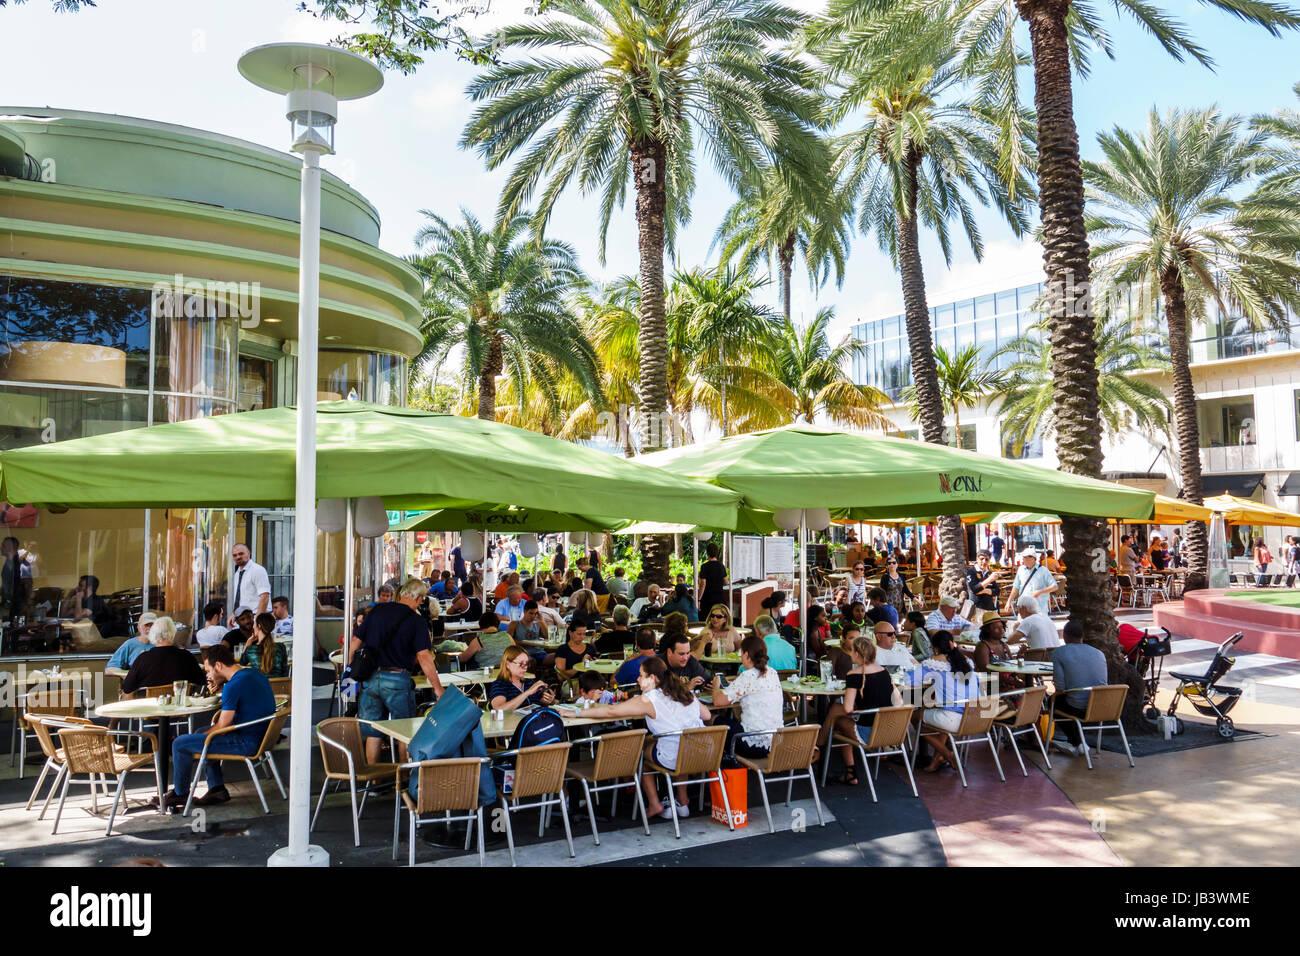 Miami Beach Florida Lincoln Road Mall pedonale Nexxt Cafe Ristorante sala da pranzo esterna al fresco e ombrelloni Foto Stock